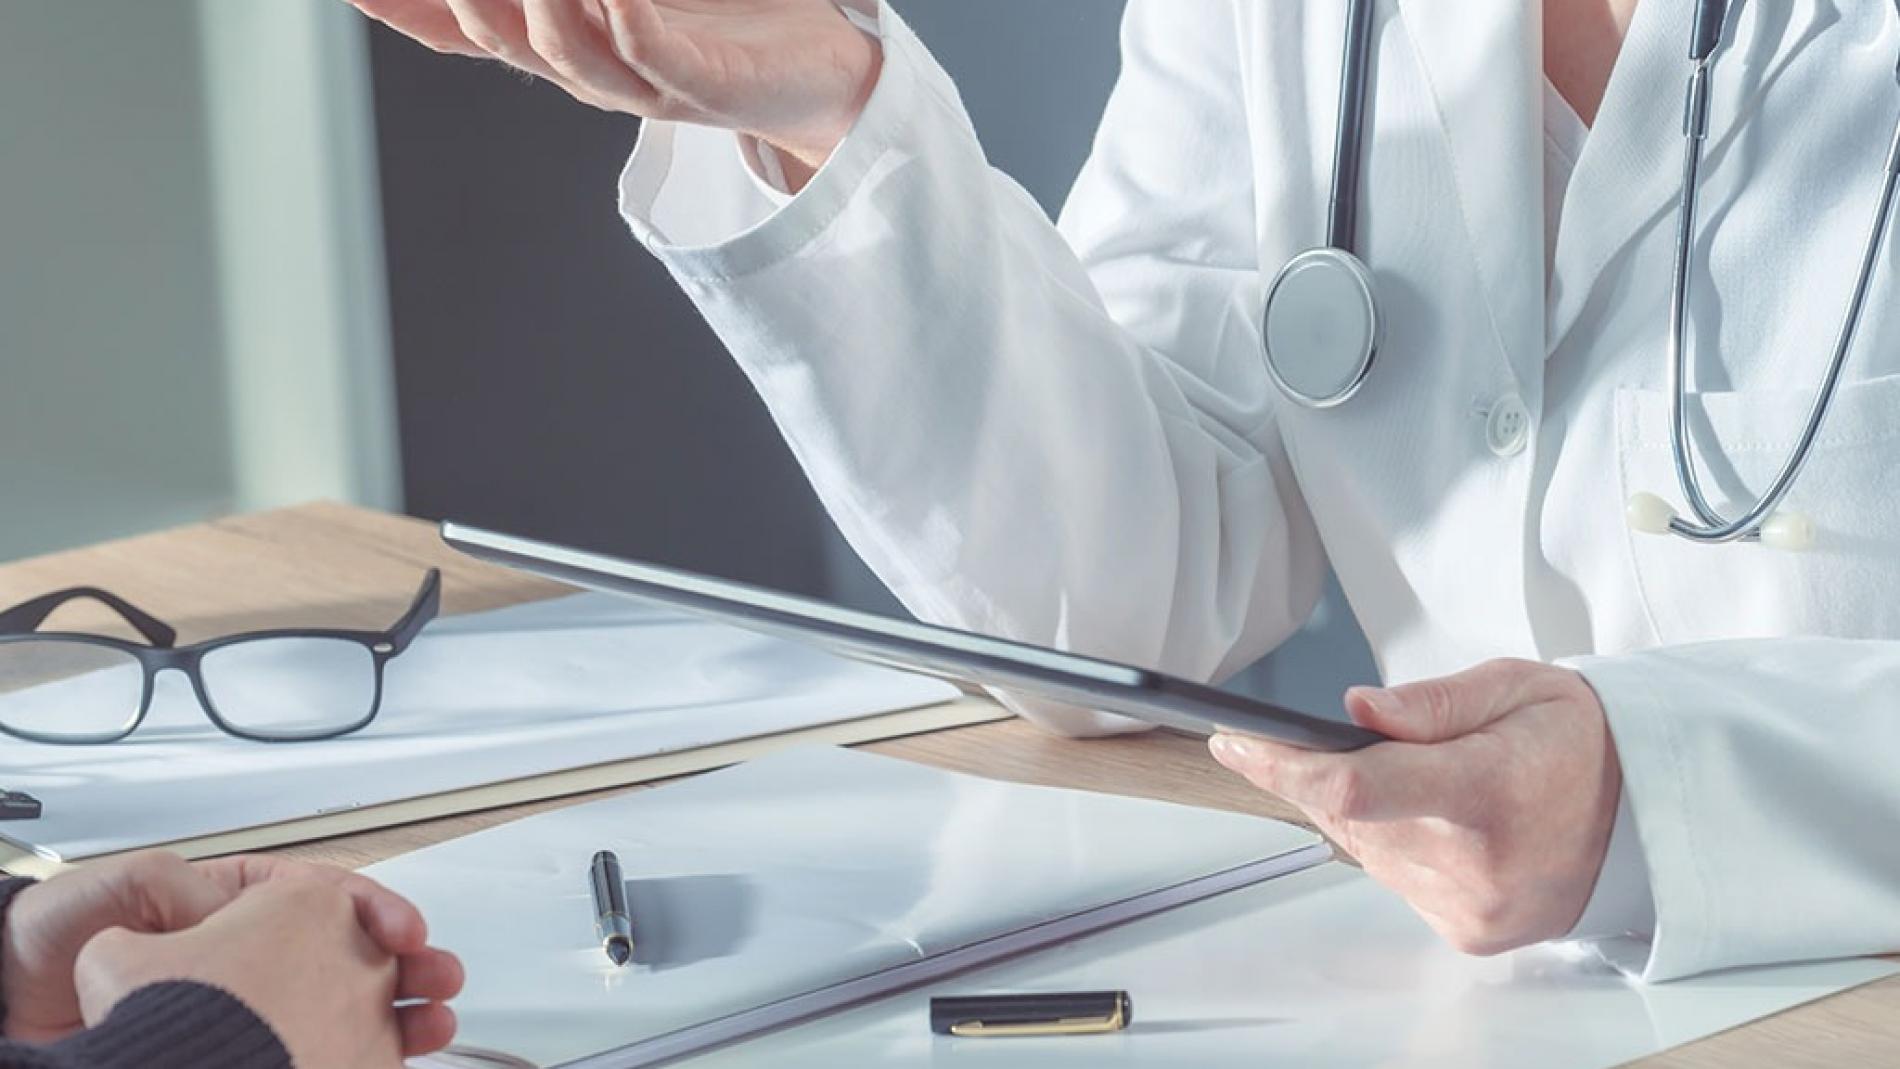 clinica de cirurgia plastica em santos - dra Ana Lucia Lemos - pre operatorio